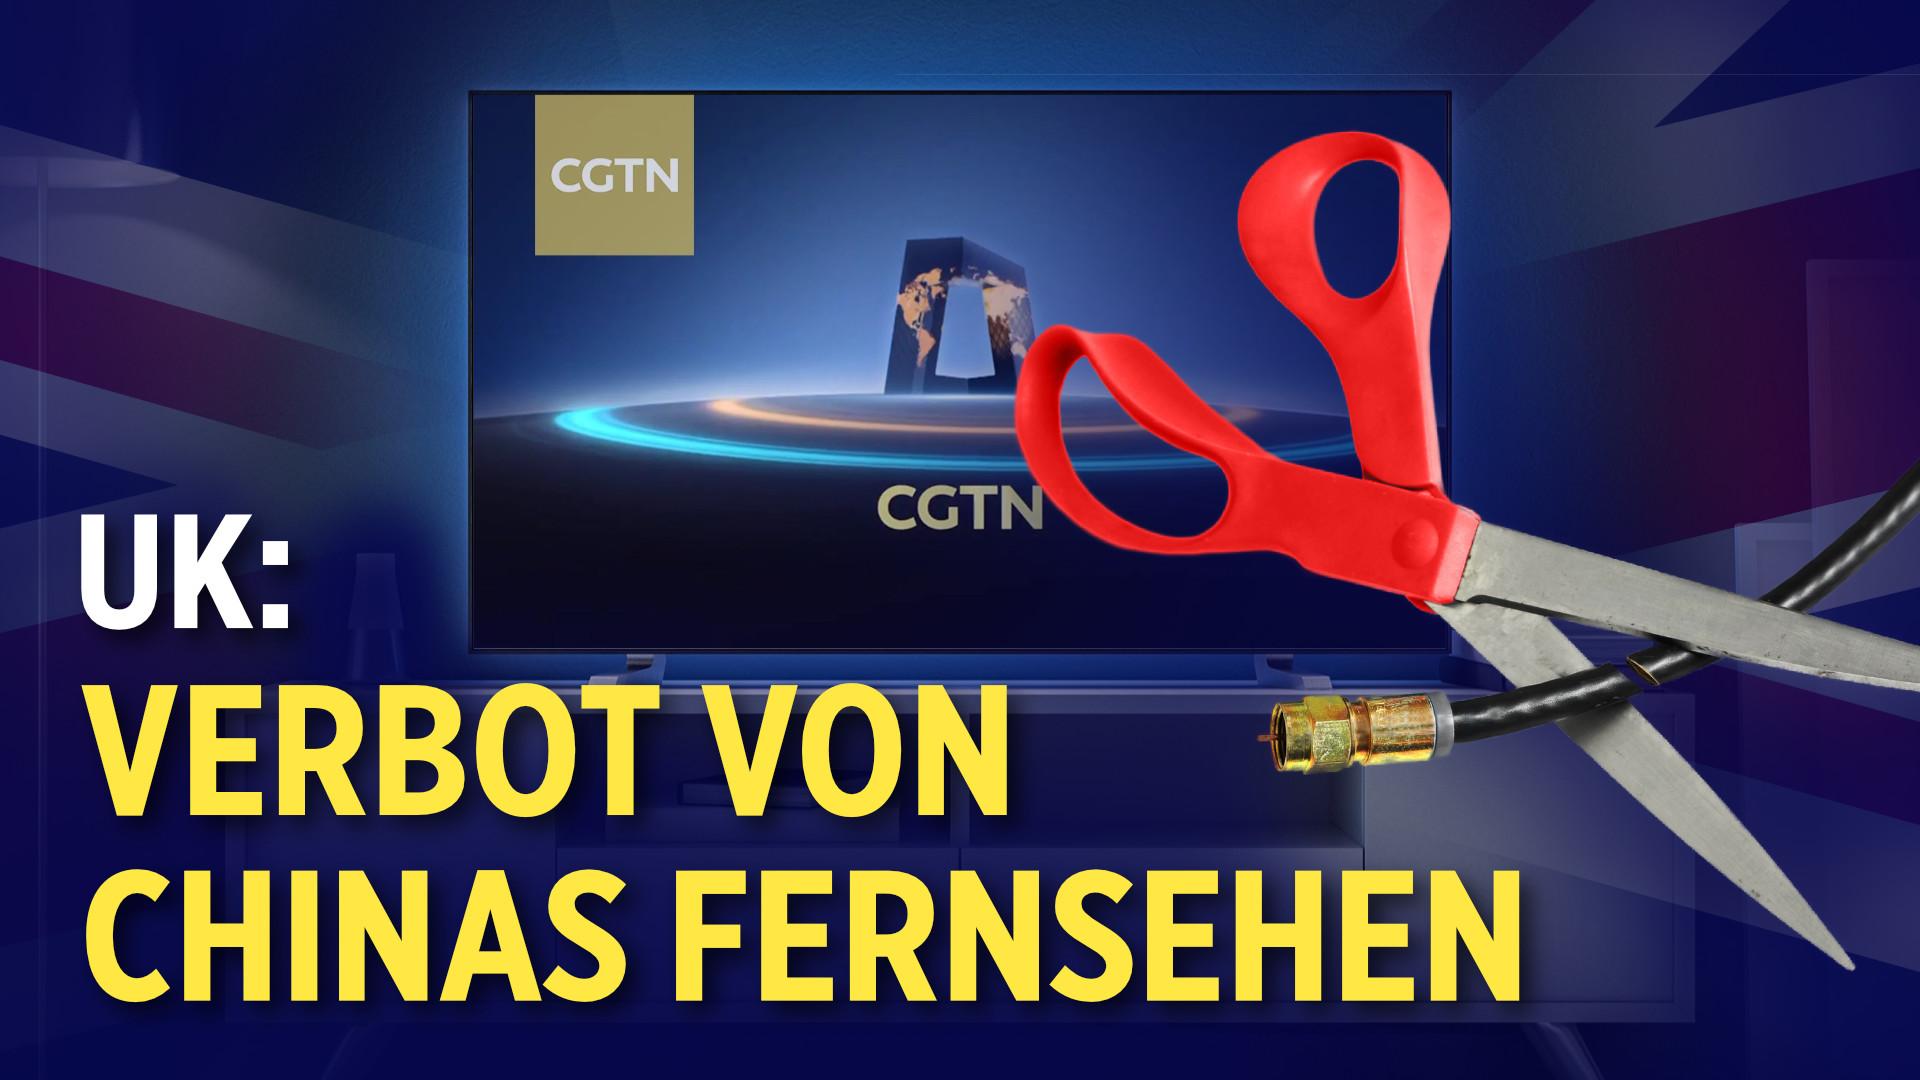 400 Mrd. Dollar fehlen in Chinas Devisenreserven   Verbot von chinesischem Staatsfernsehen in UK